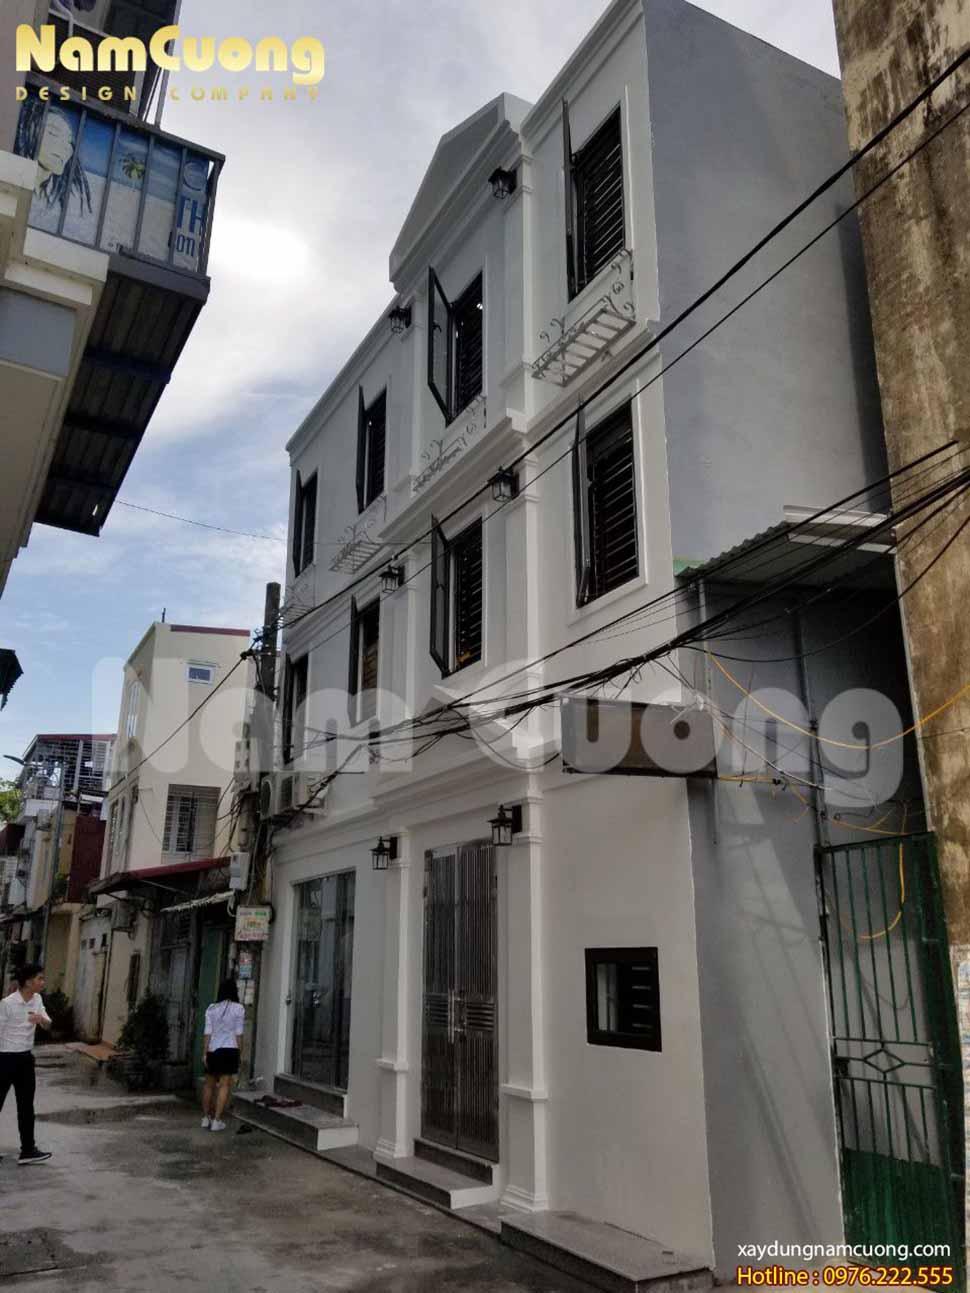 Hiện trạng ngôi nhà trước khi được Nam Cường, cải tạo thi công trọn gói